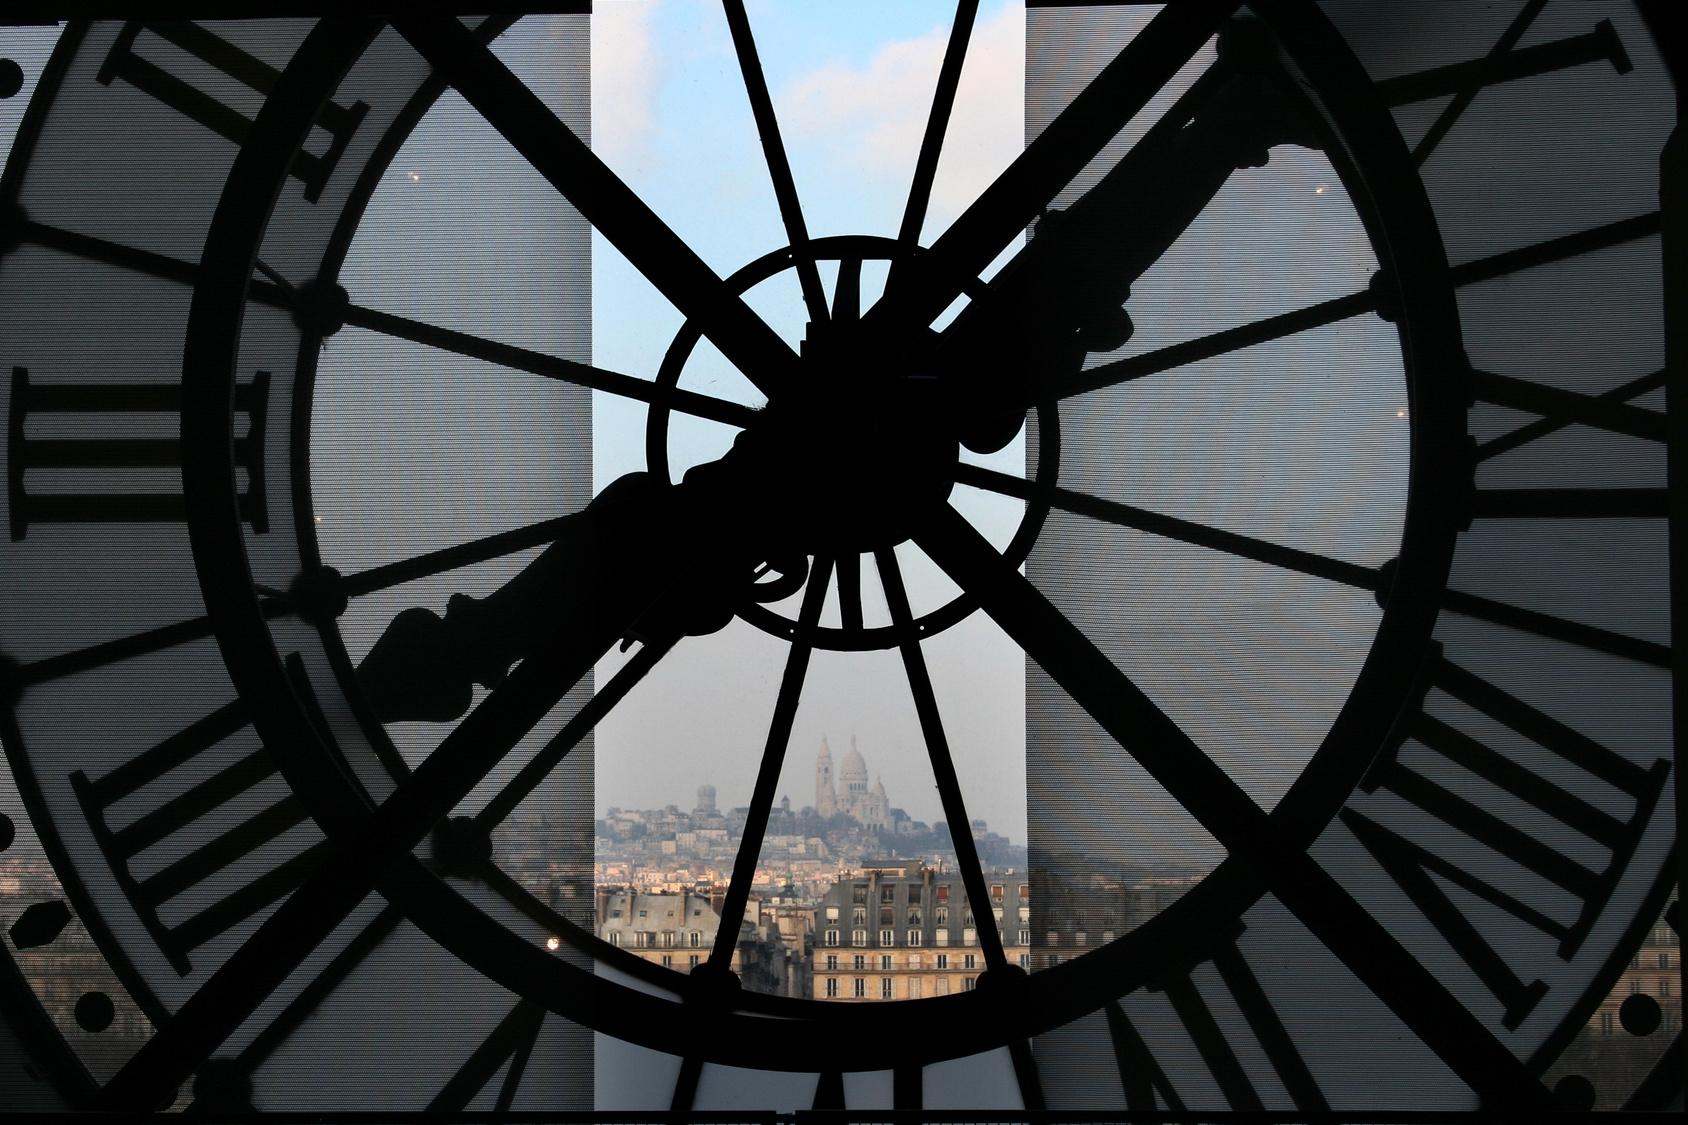 Musee Orsay, Paris, France